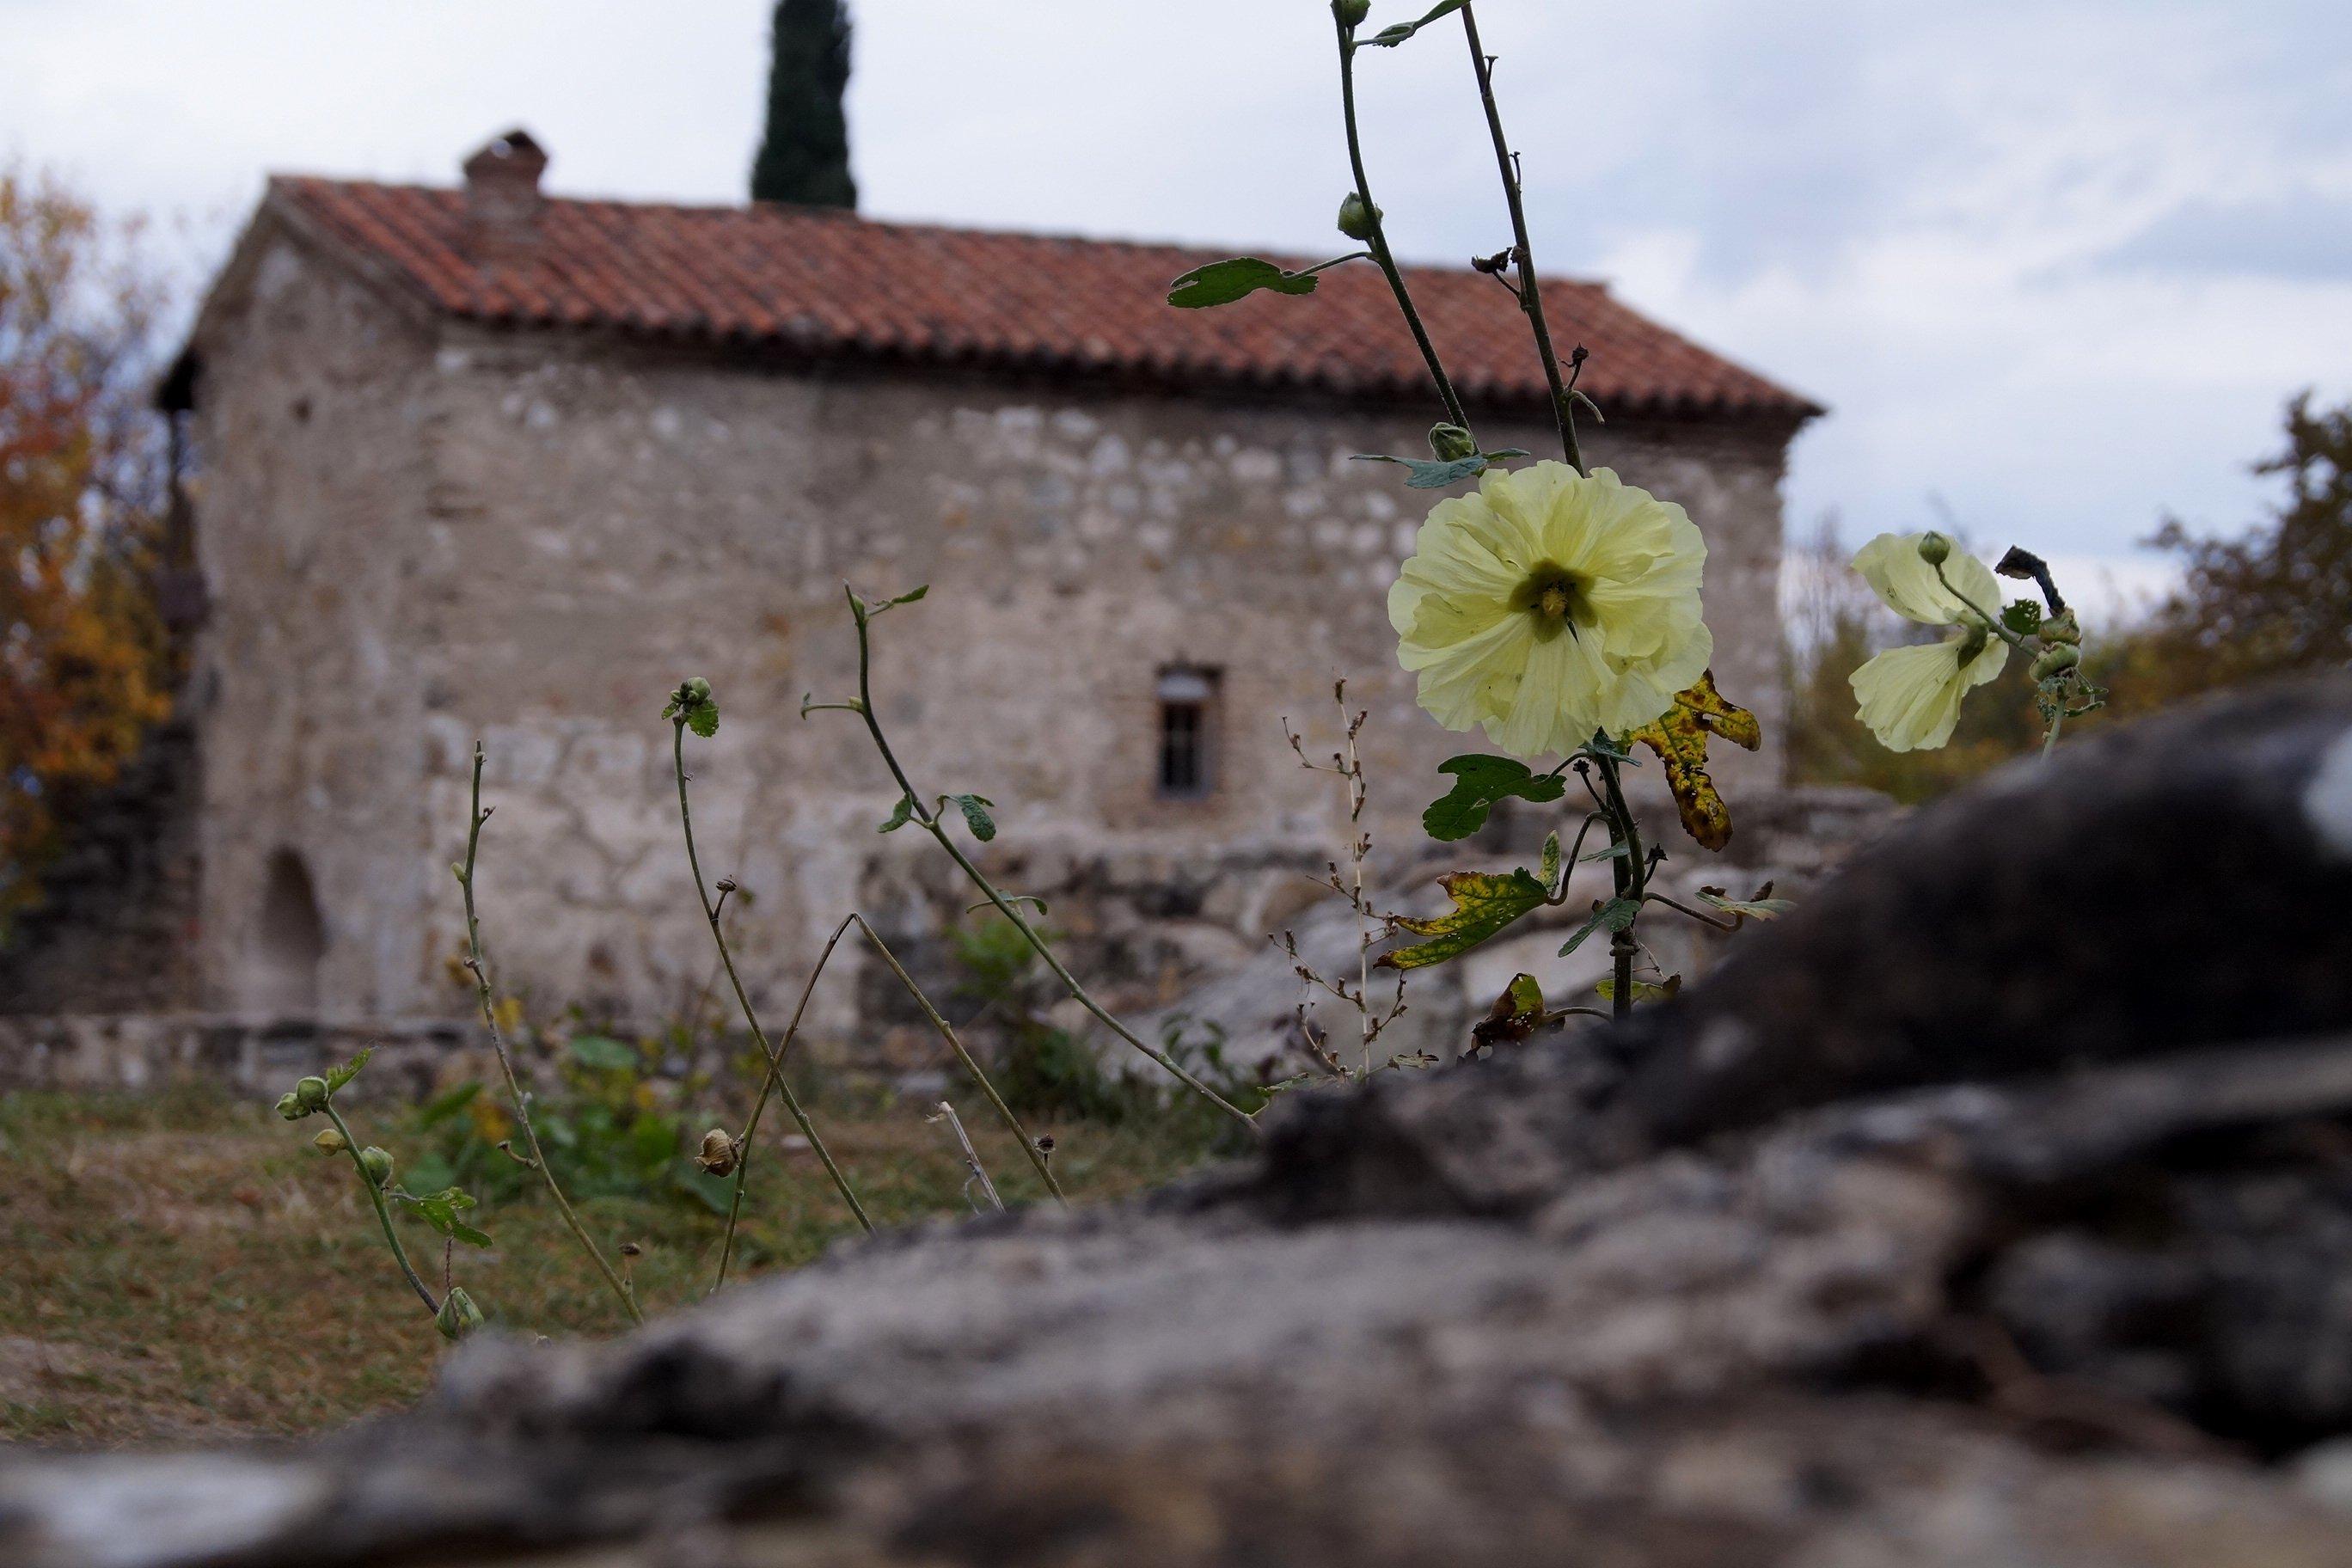 Кахетия. Монастырь Икалто (Заметки из солнечного отпуска, день 12)